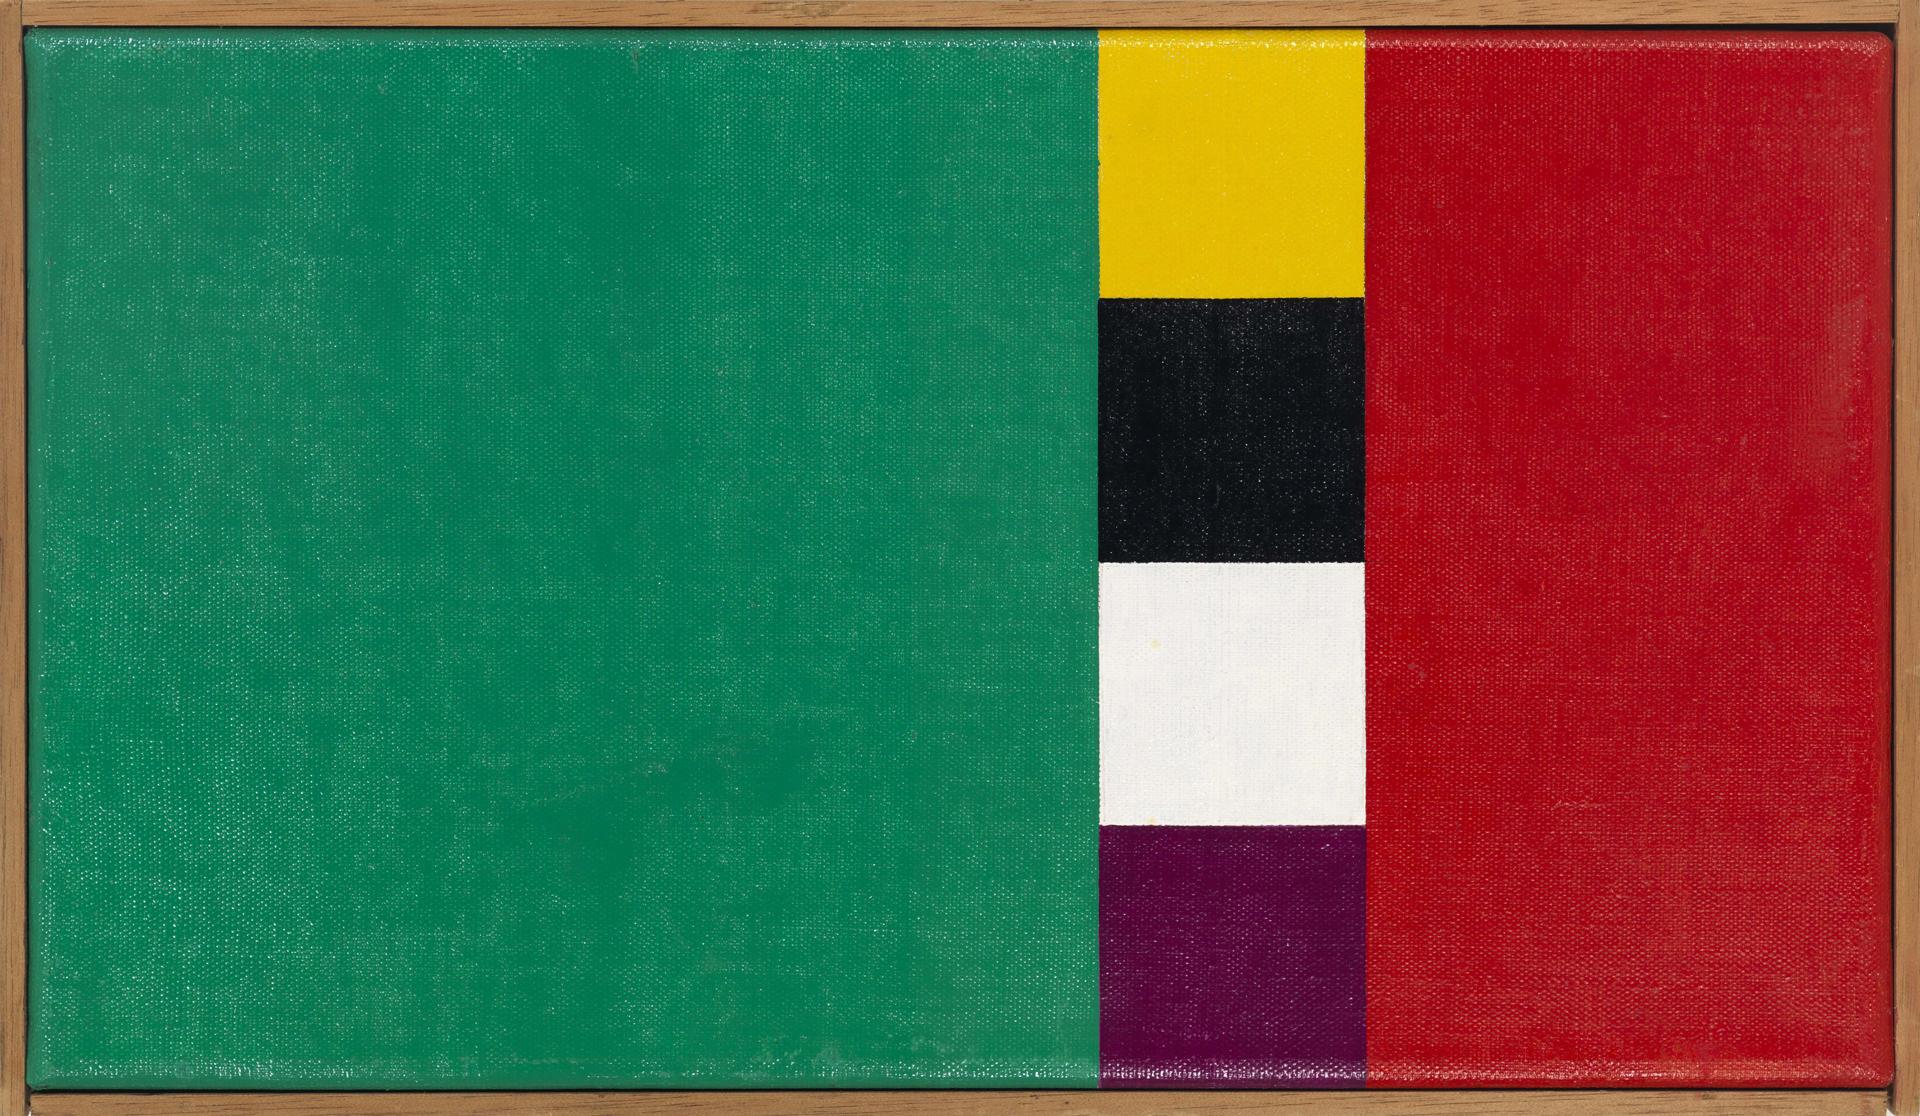 Camille Graeser, Konkretion mit drei Farbkomplementen I, 1954/1958, Öl auf Leinwand, 24 x 42,5 cm